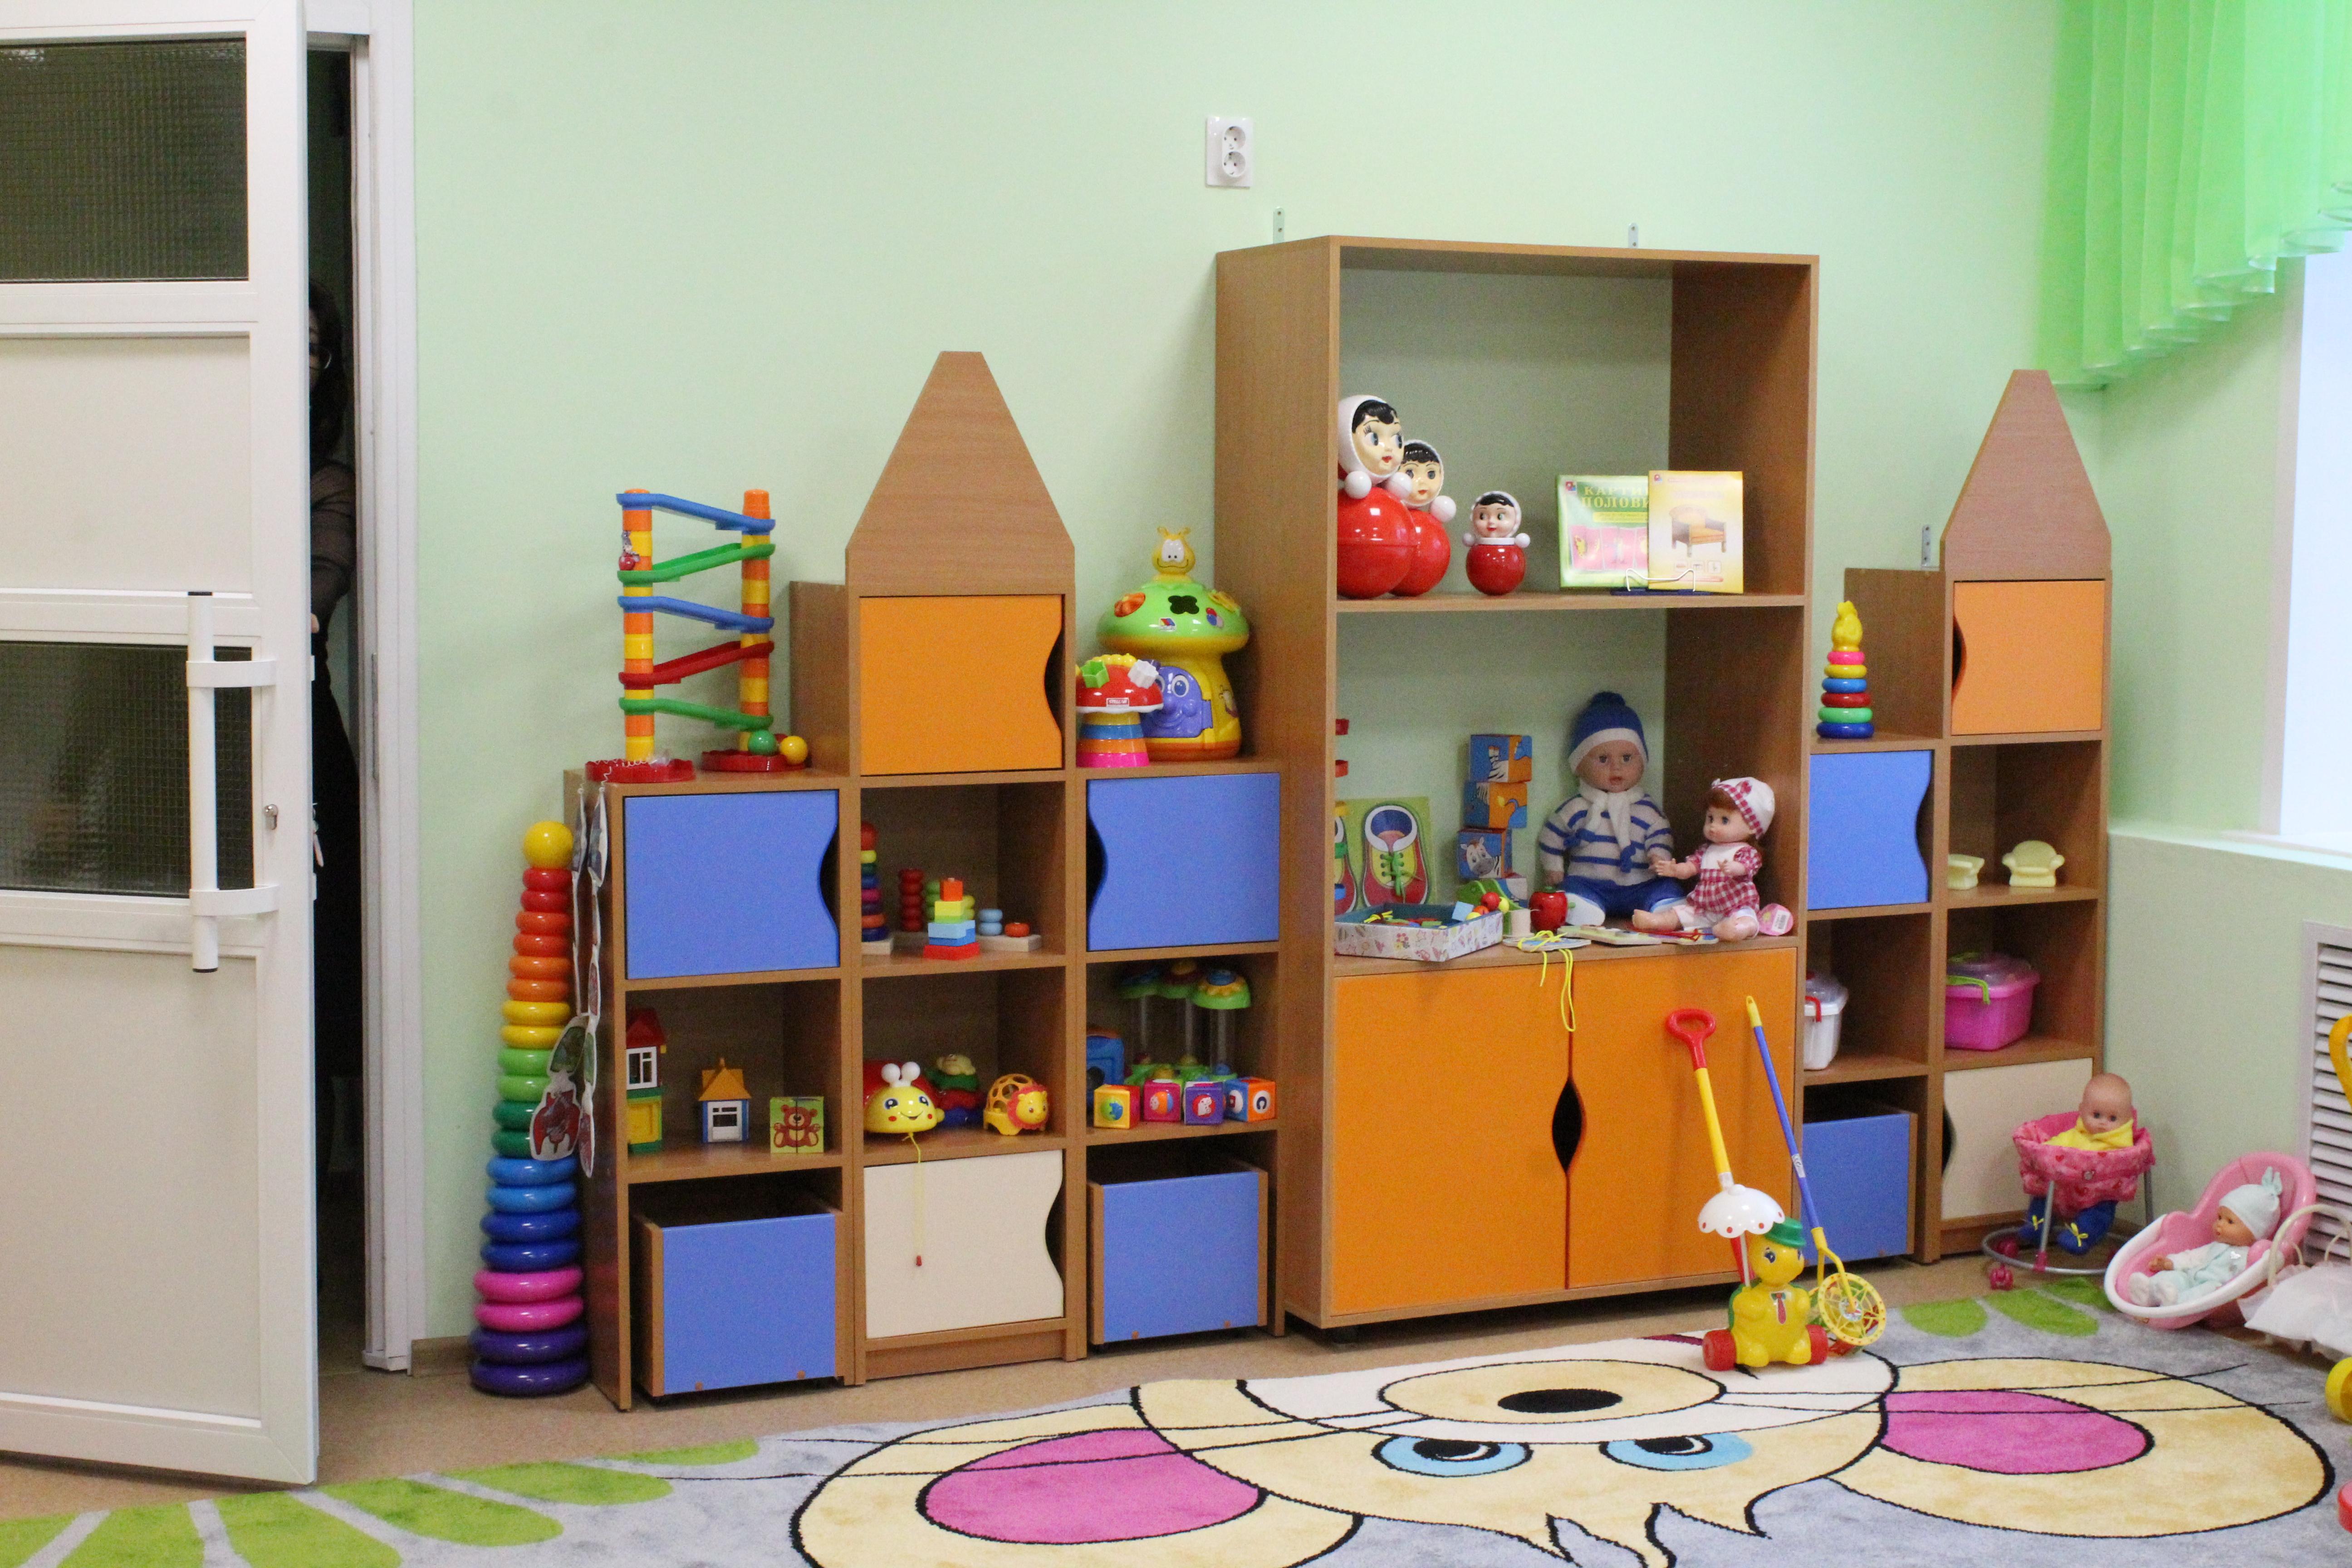 Детсад за 287,8 миллионов рублей планируют построить в Нижнем Новгороде - фото 1